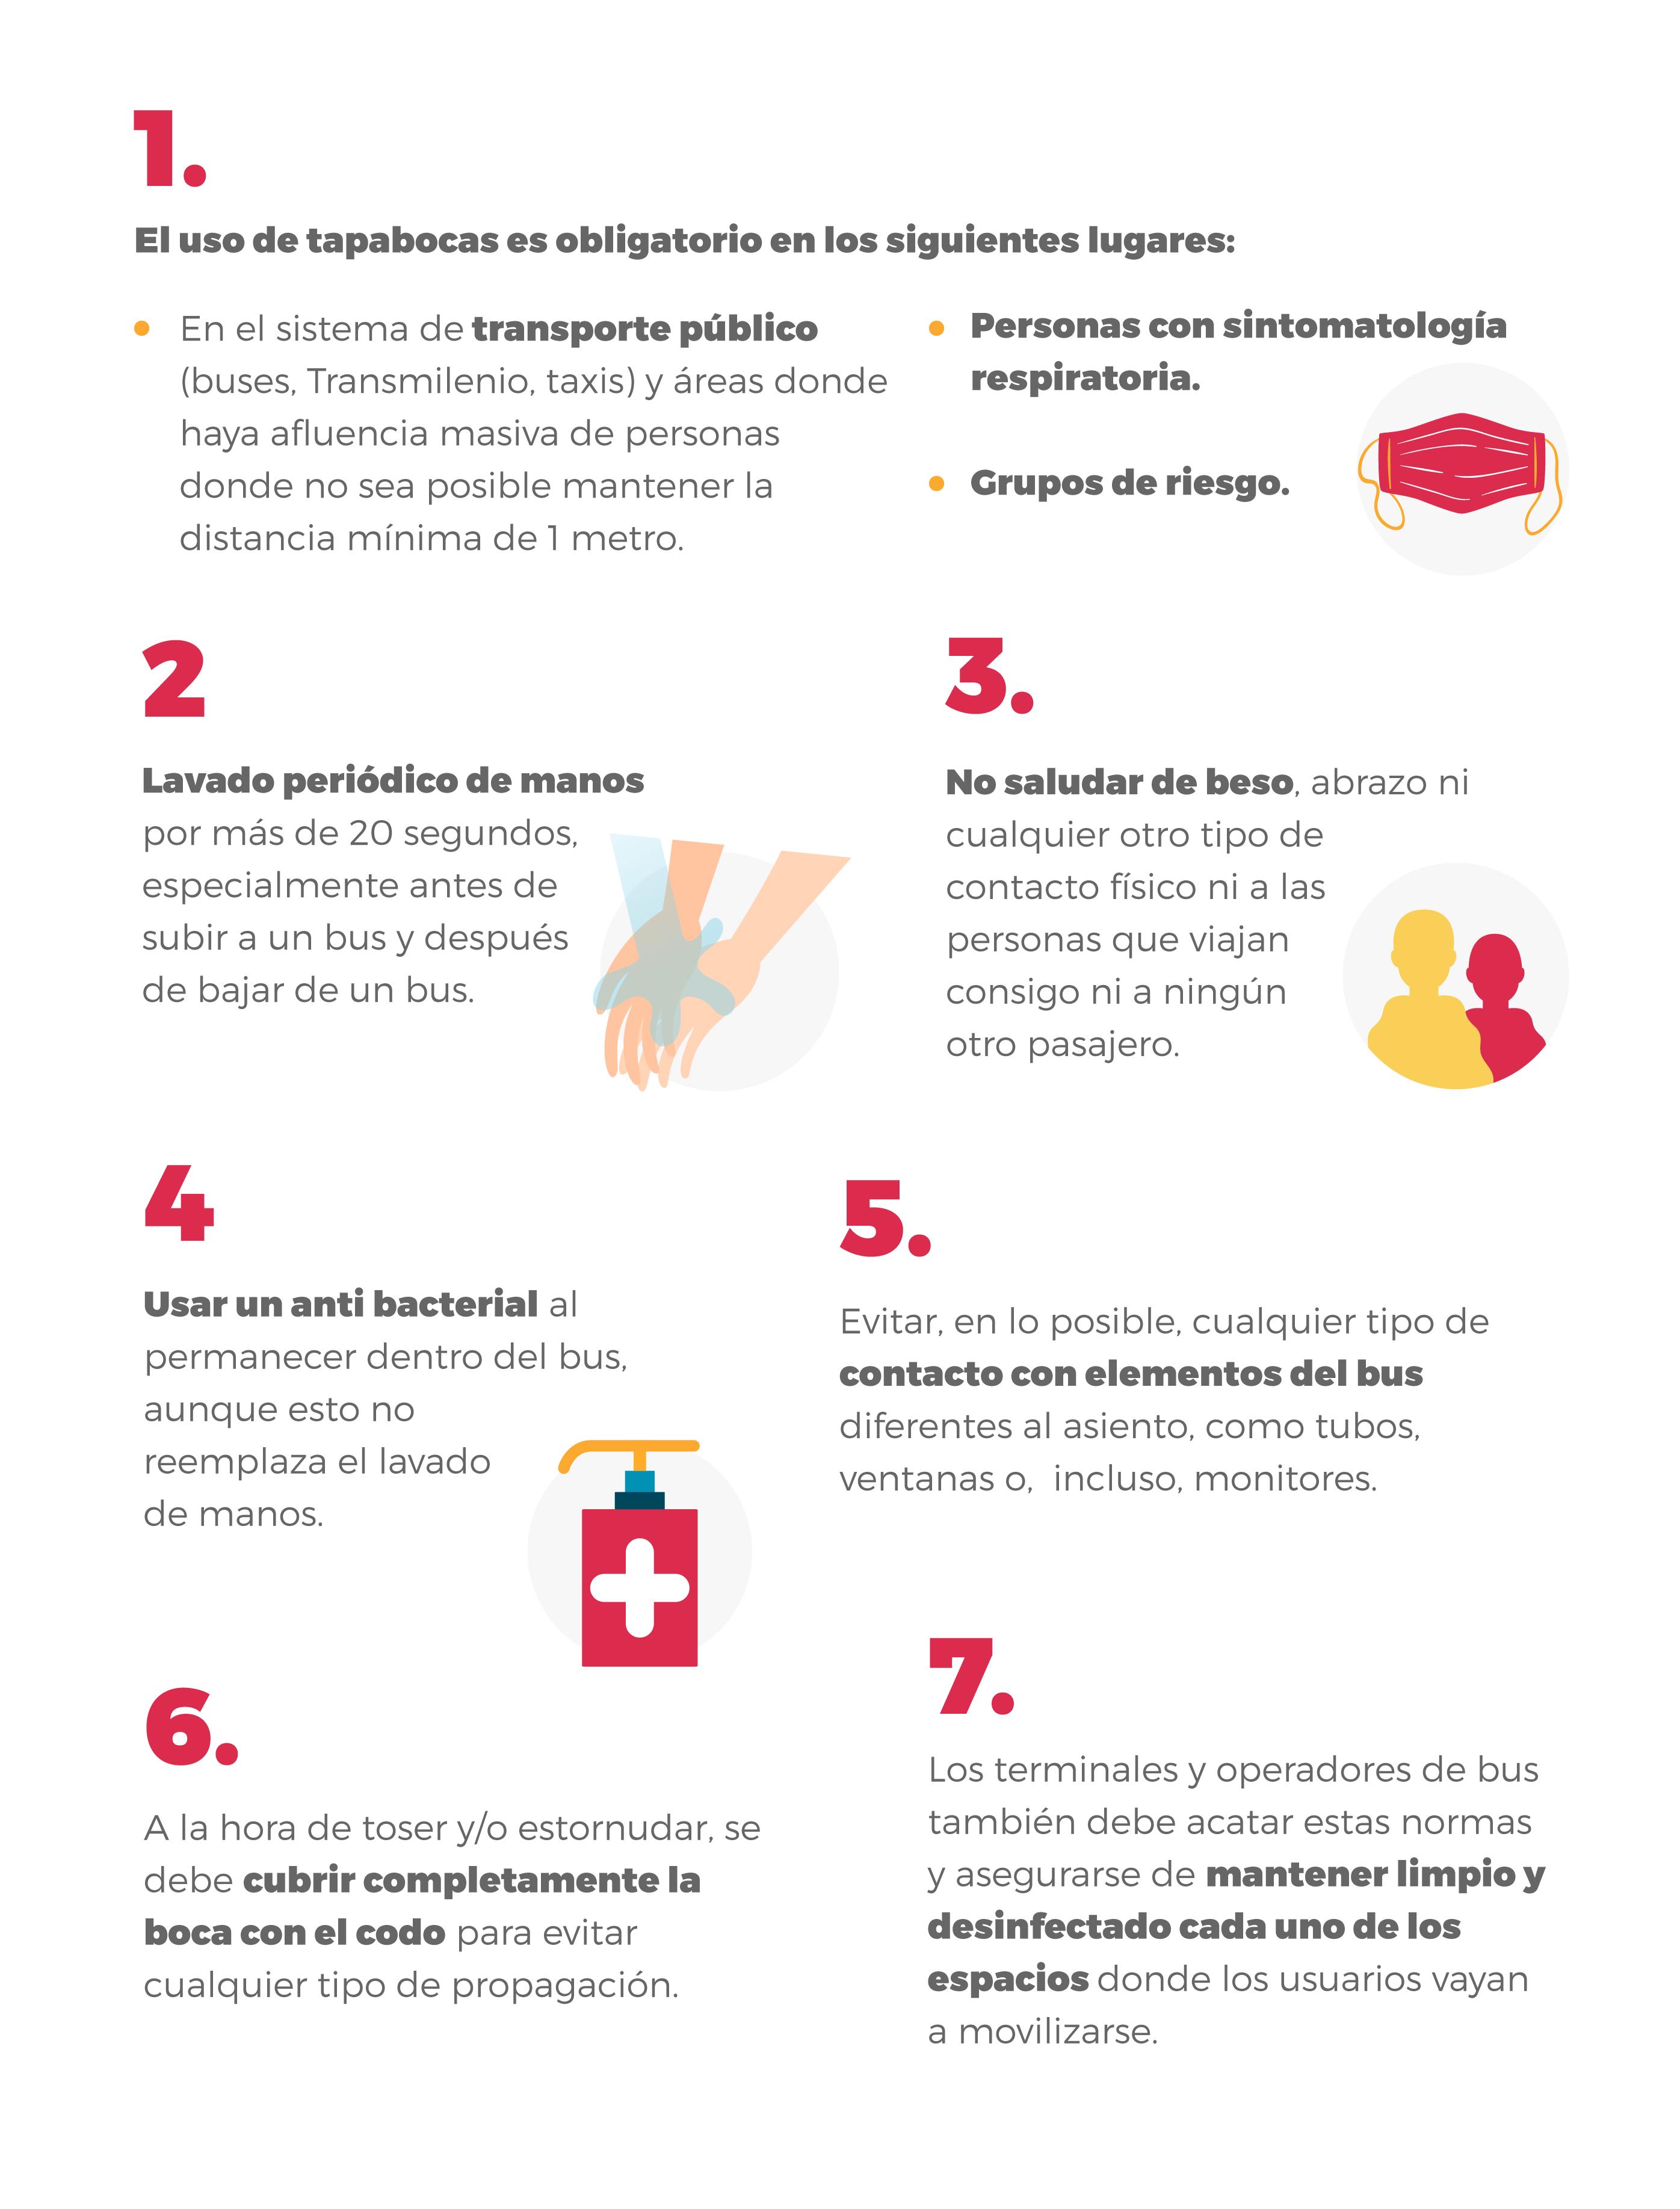 Recomendaciones para prevenir el Coronavirus al viajar en bus